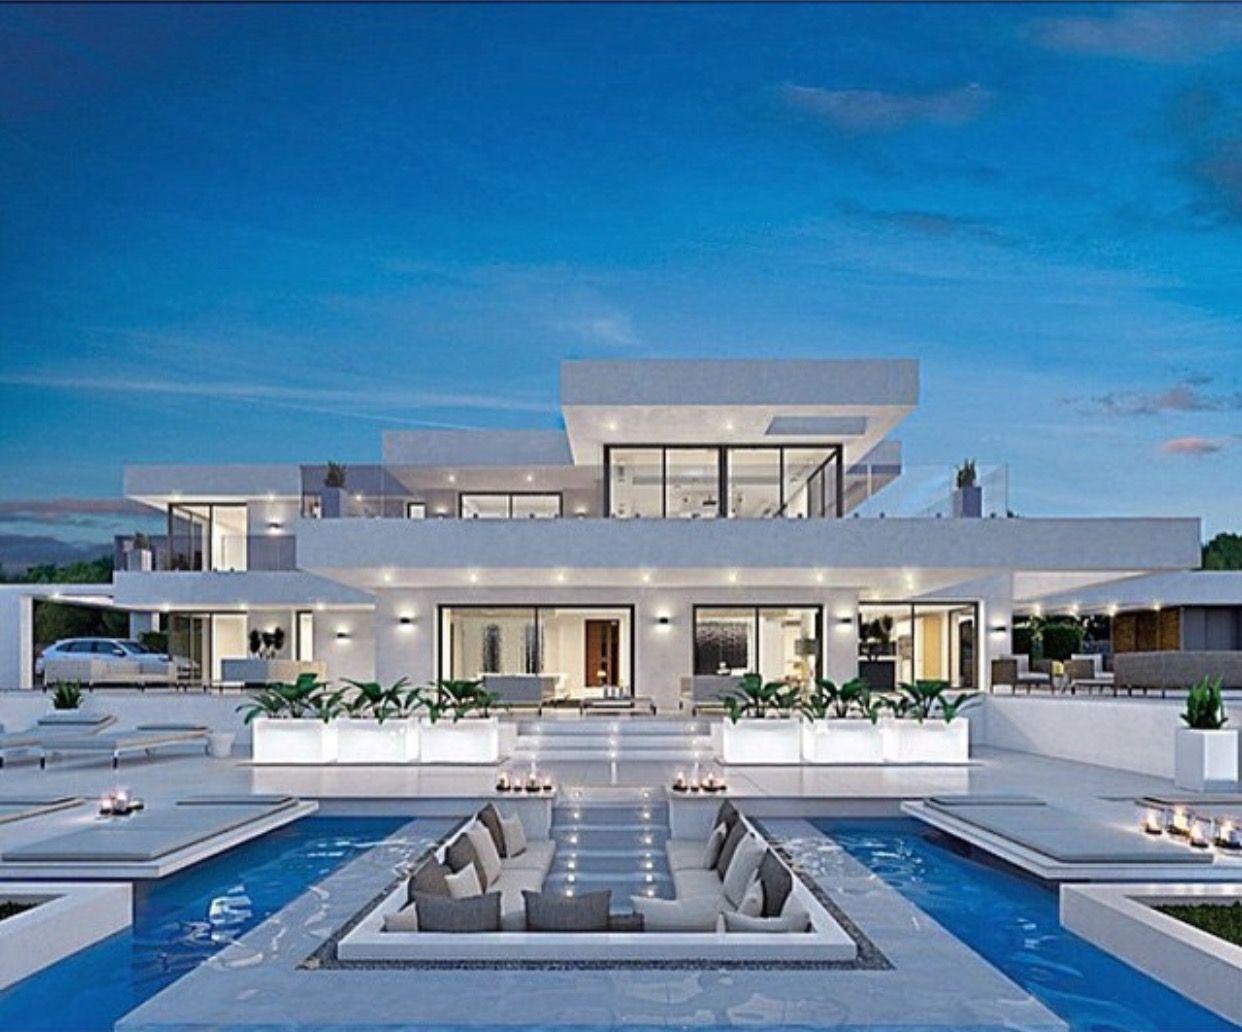 Une Villa De Luxe | Luxe, Vacances, Villas De Luxe. Plus De Nouveautés